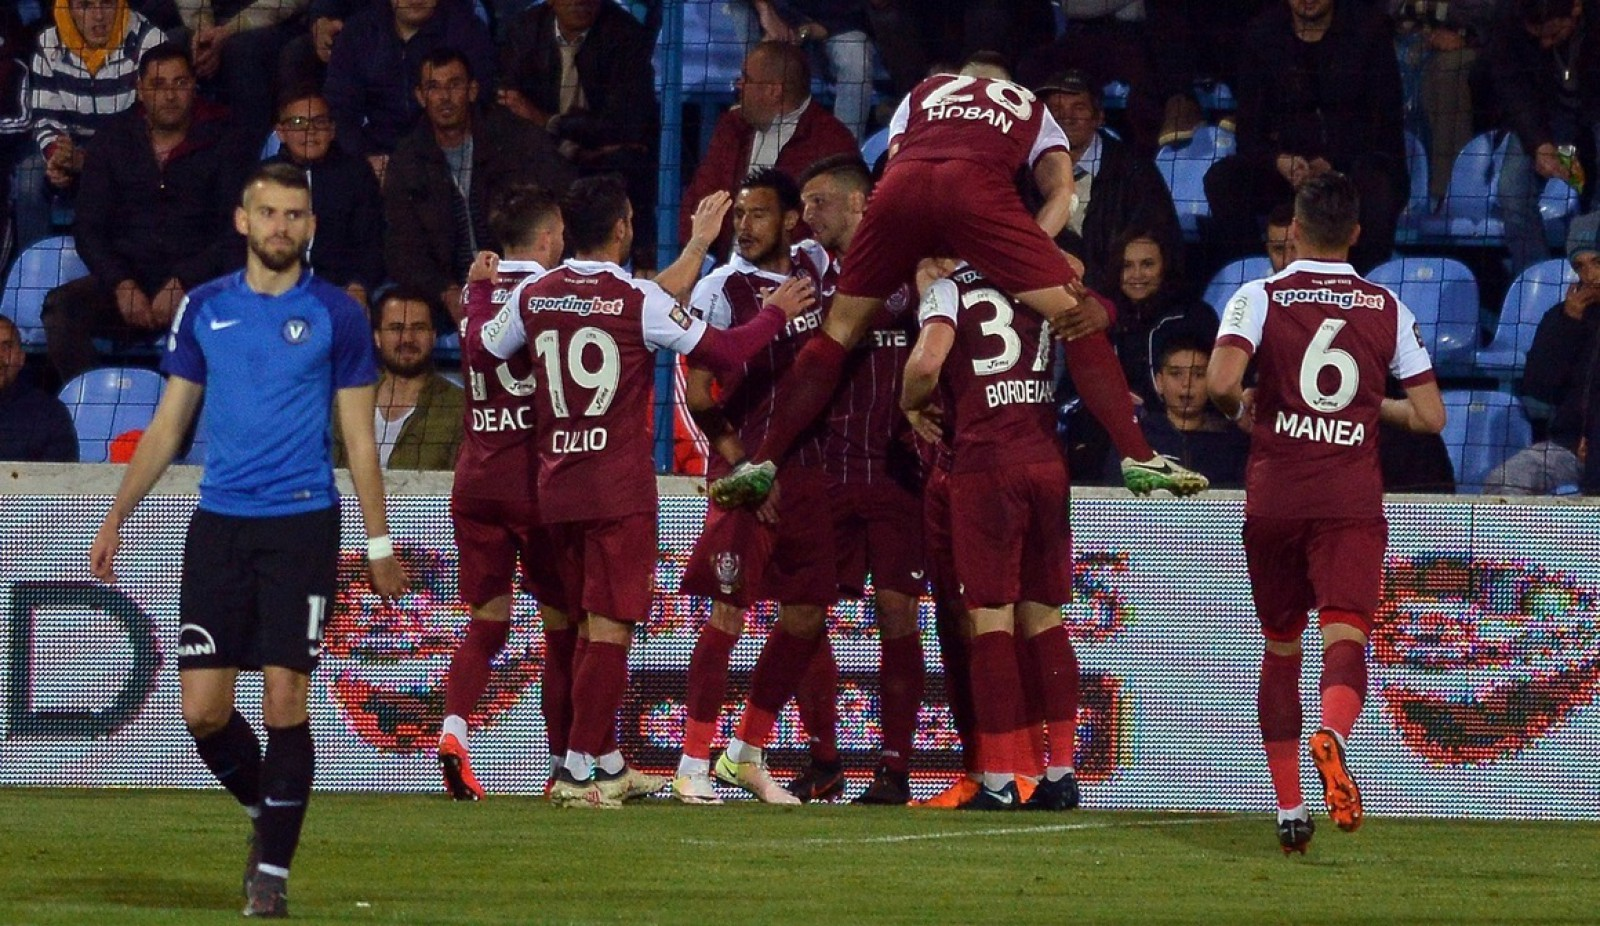 CFR este noua campioană a României! Clujenii au cucerit titlul după 6 ani de așteptare